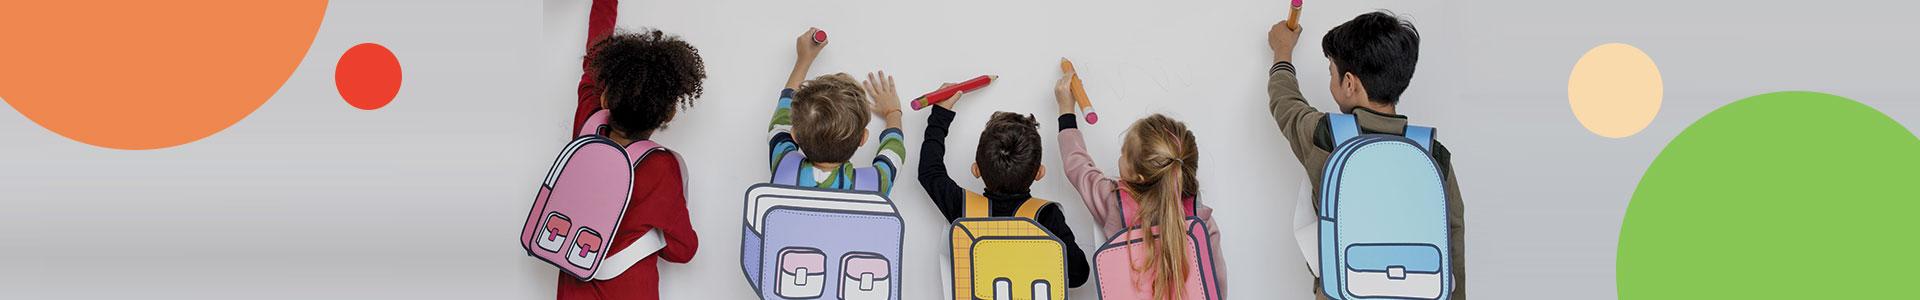 attività formative bambini messina